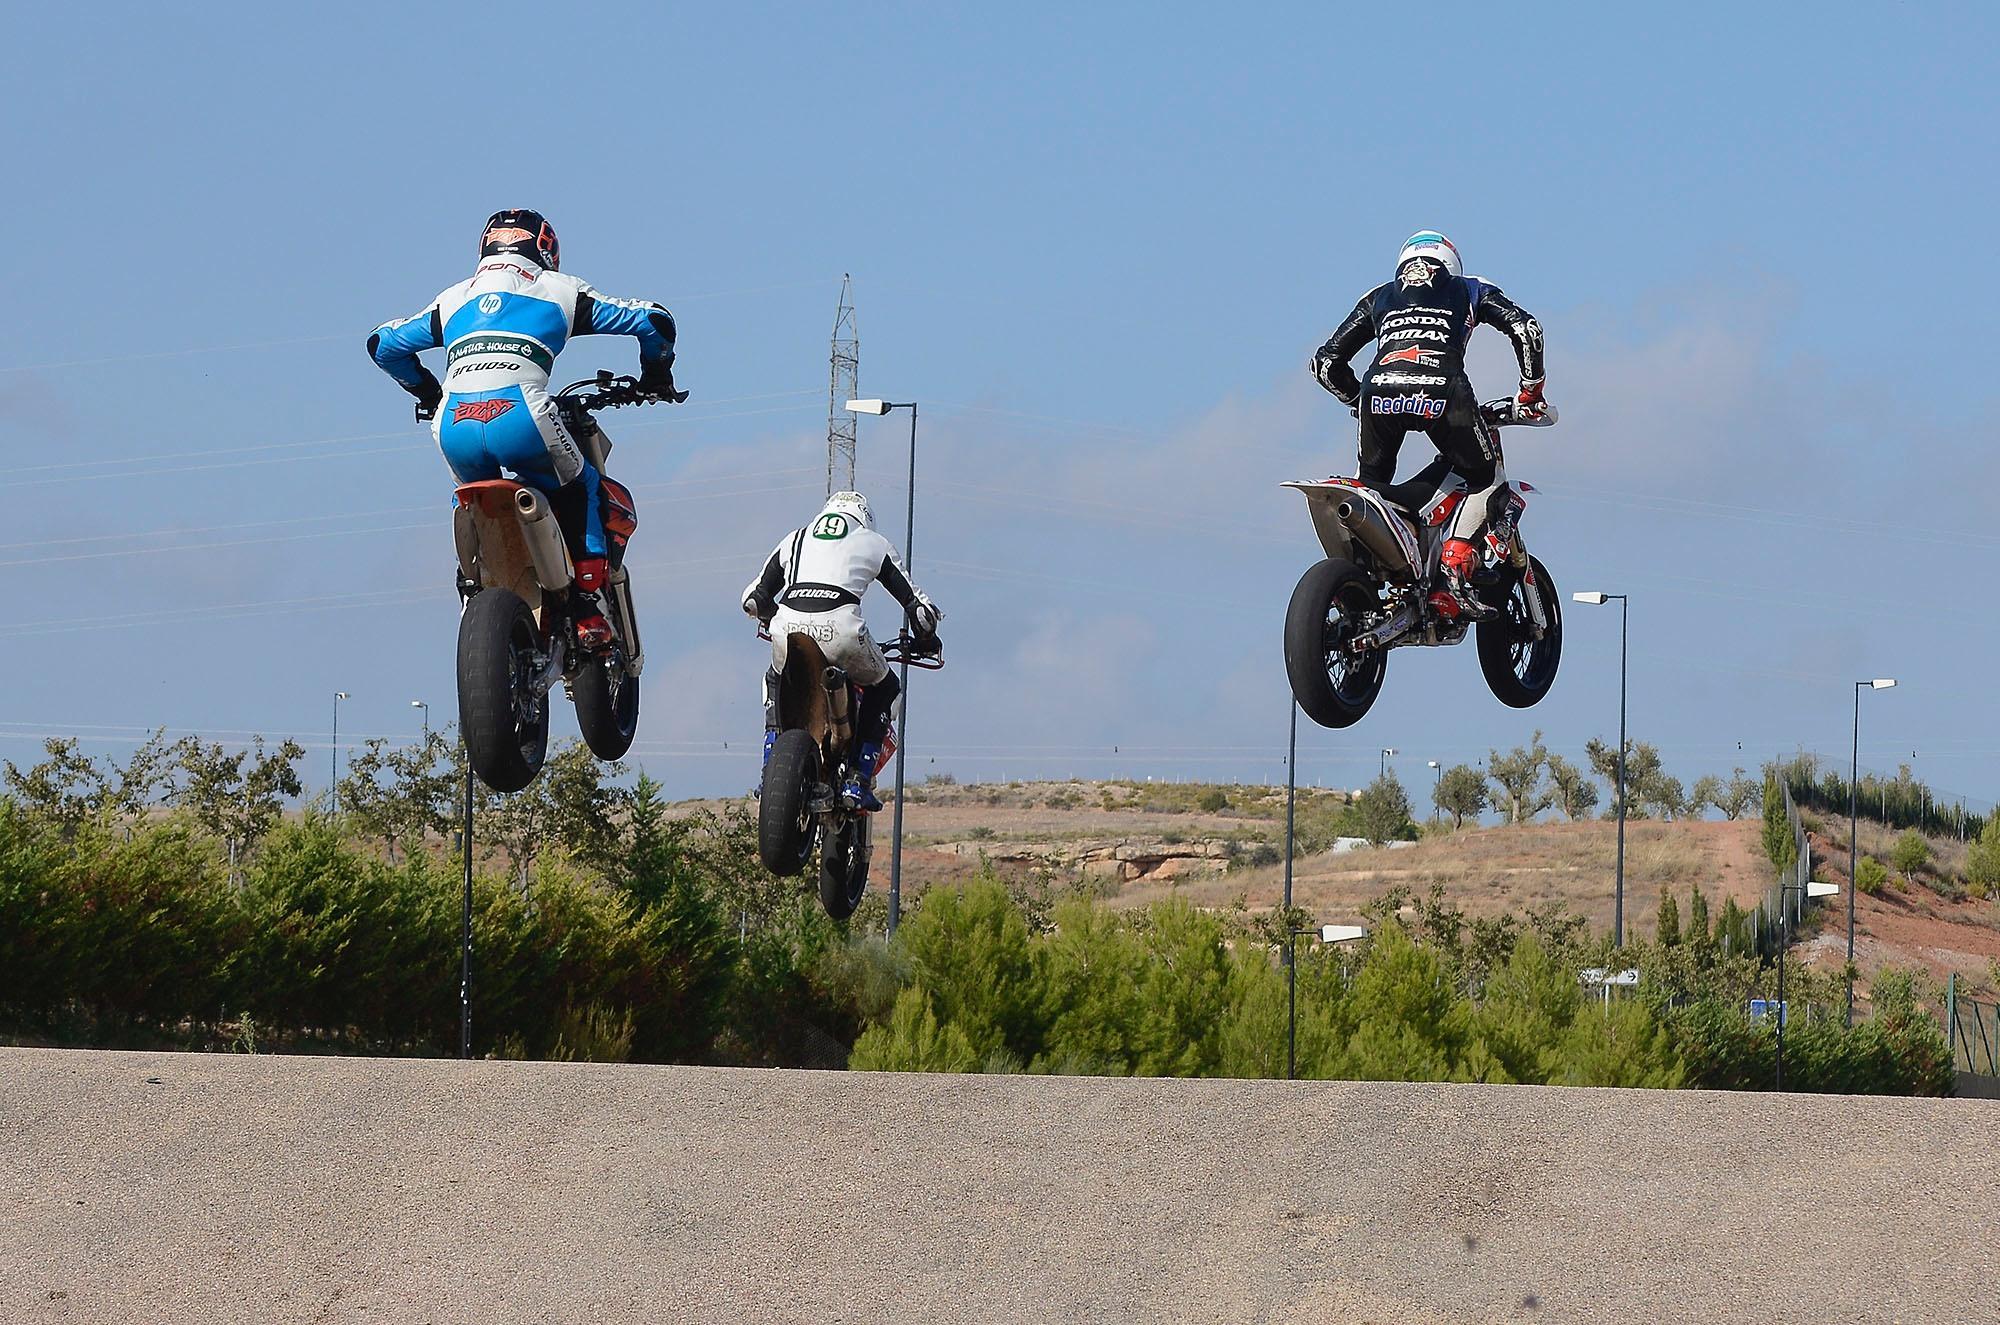 Le bar de la compétition moto ! - Page 21 ByzySLUCAAEeB1y